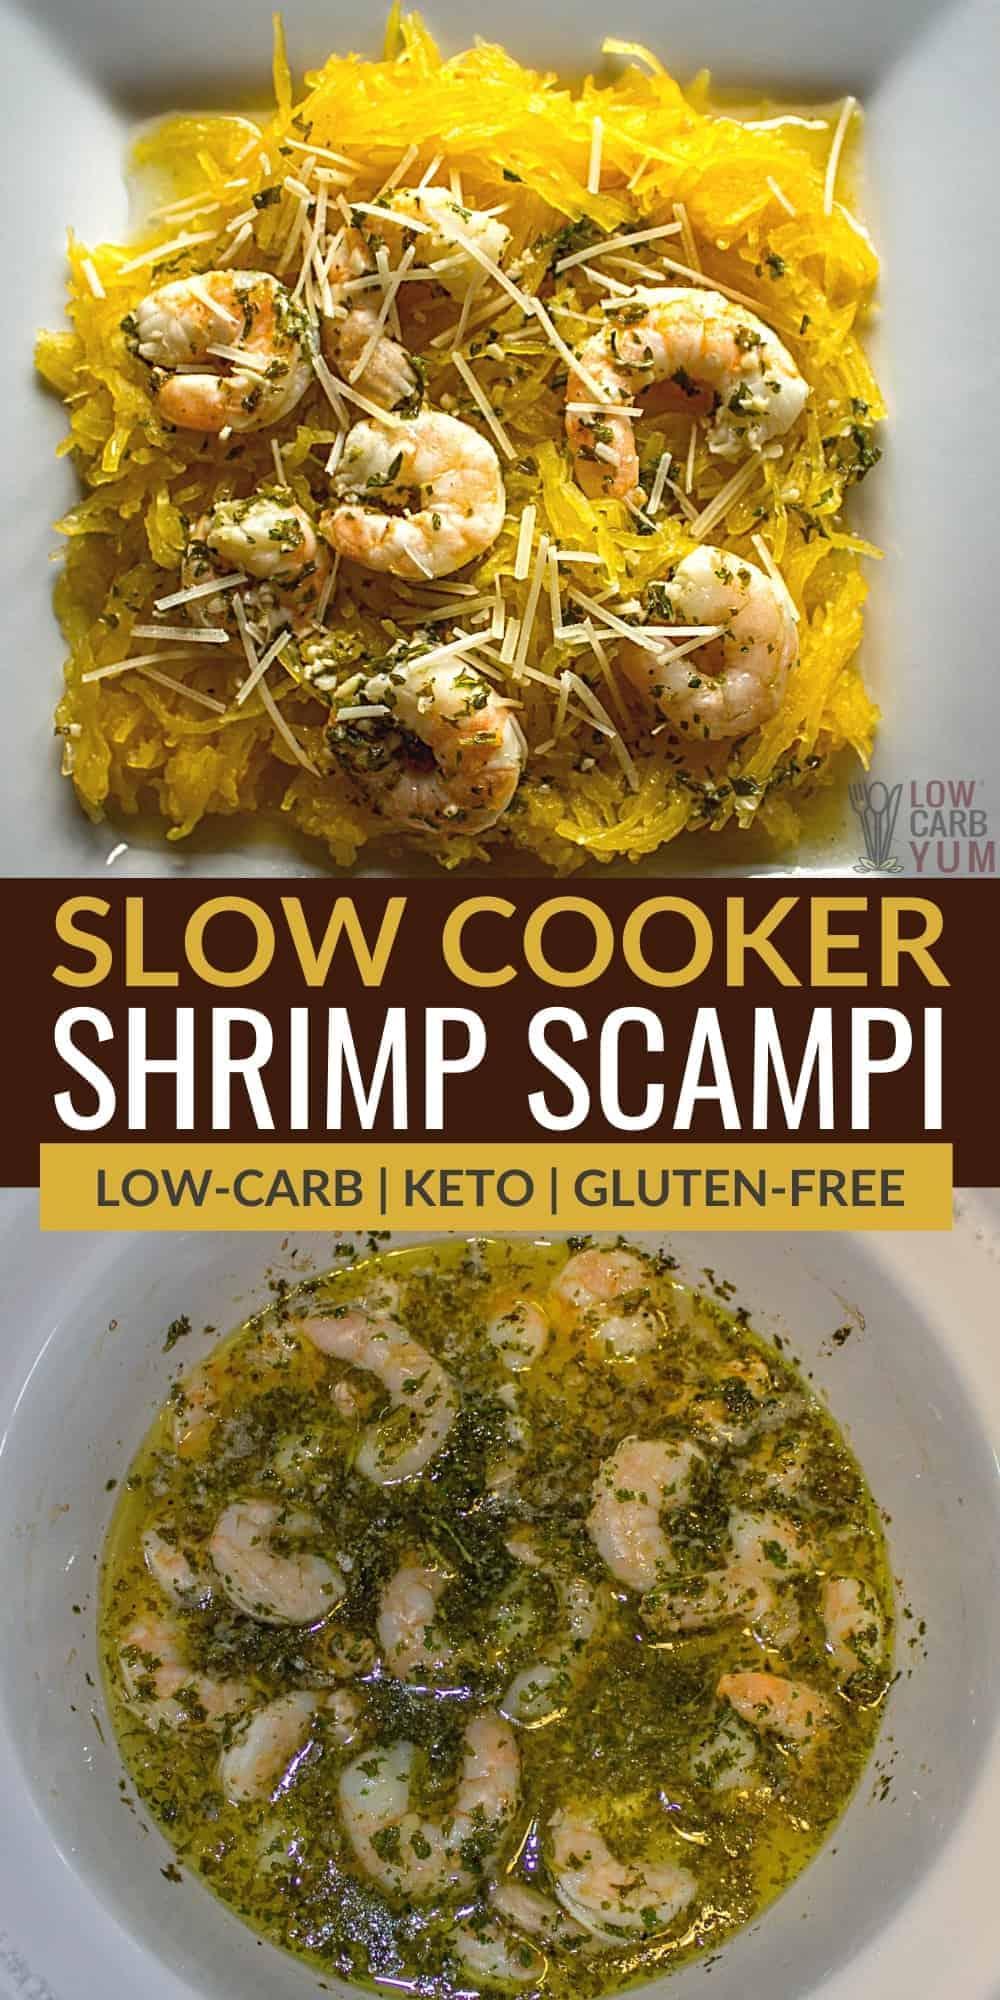 slow cooker crock pot shrimp scampi pinterest image